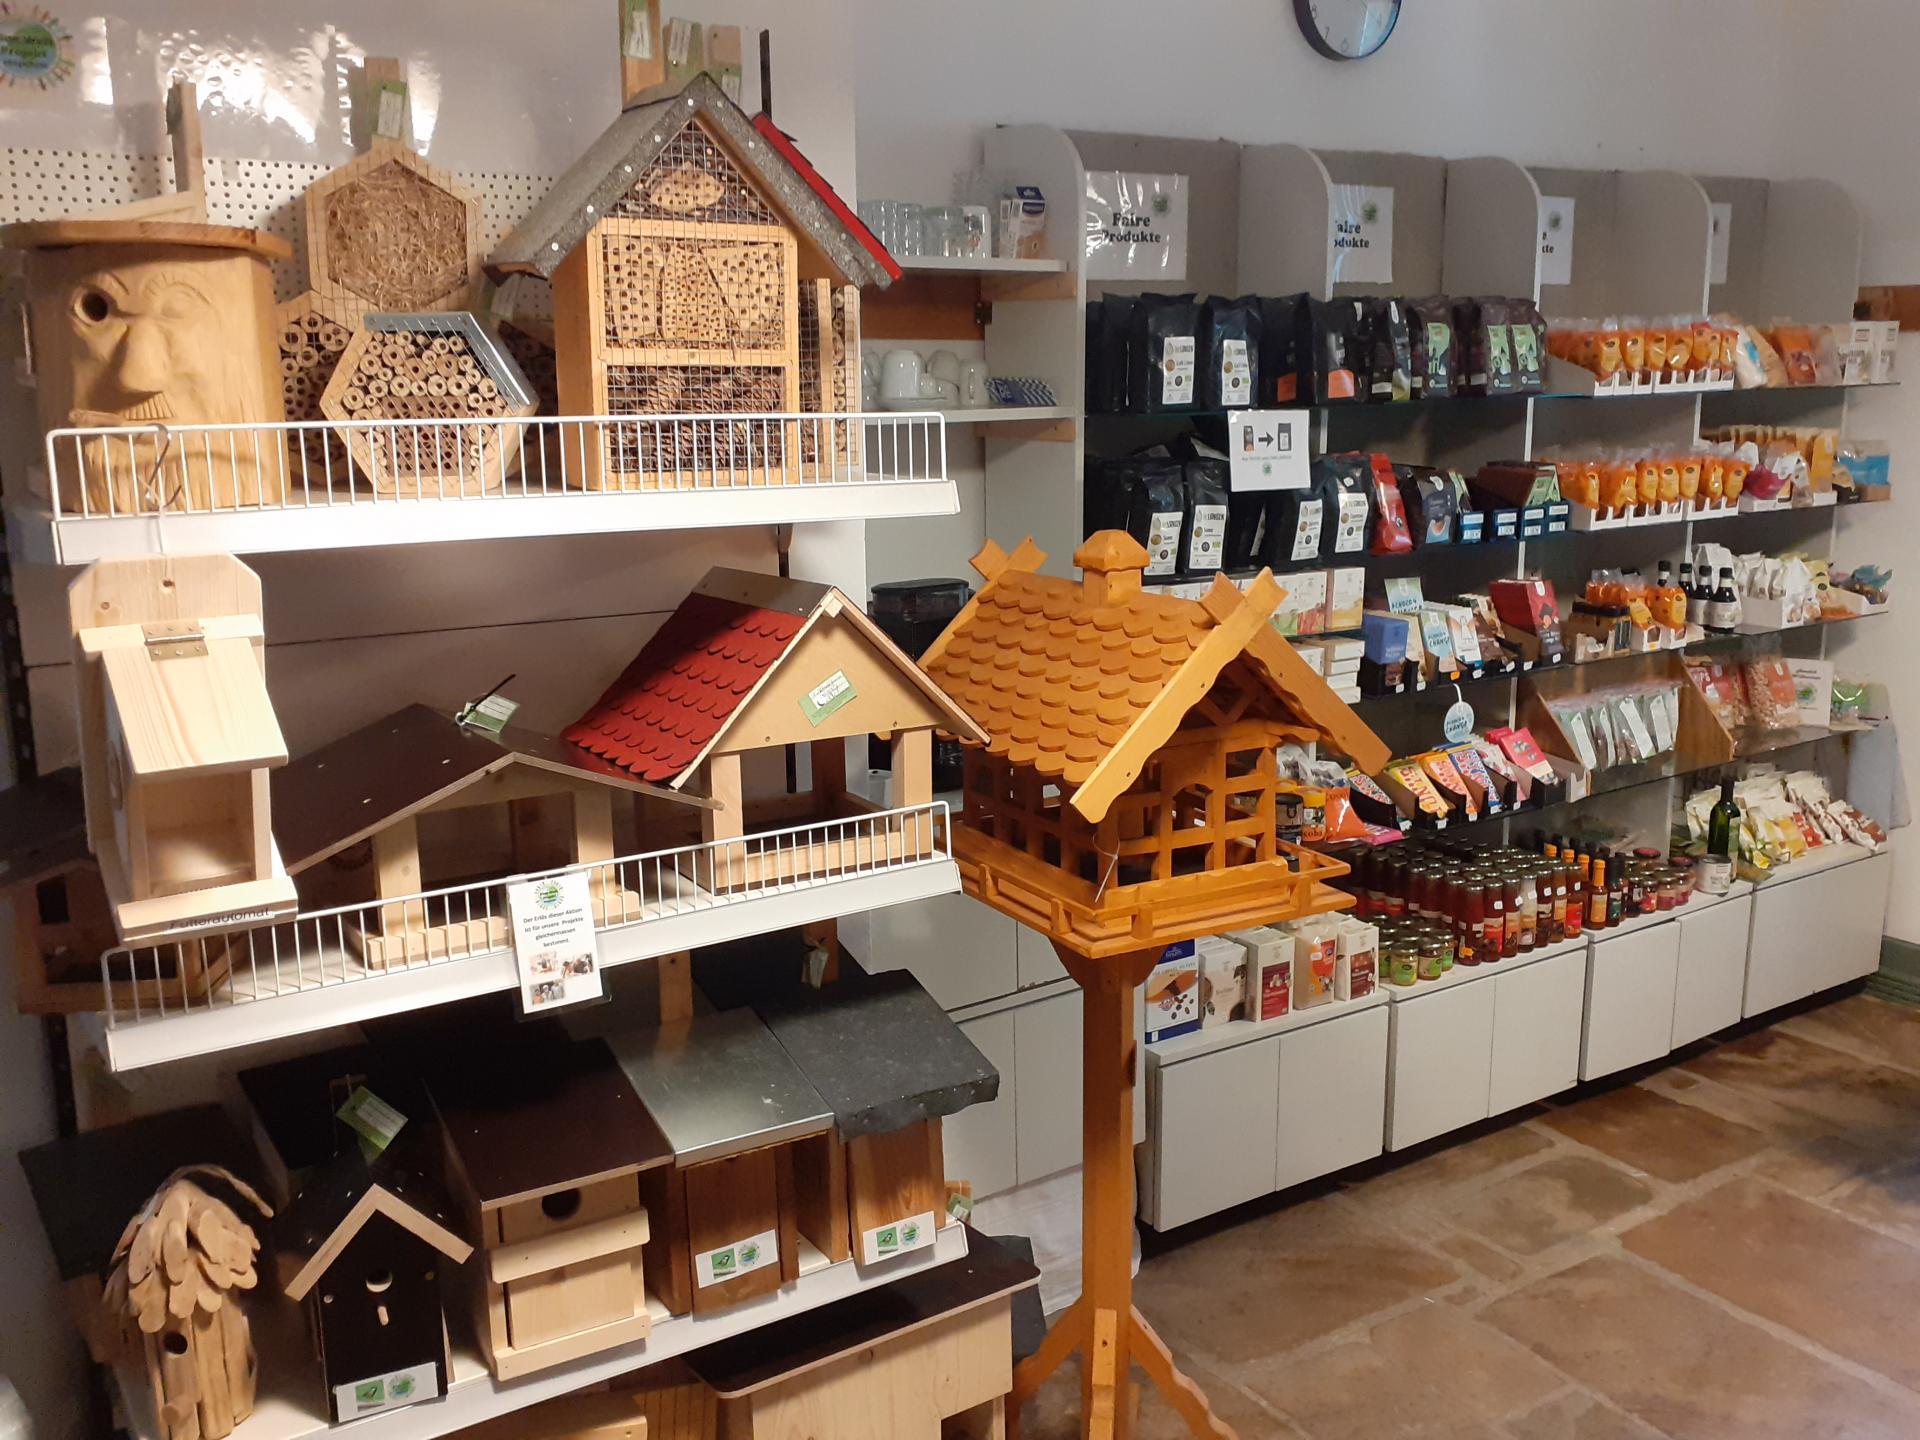 Holzprodukte und Lebensmittel